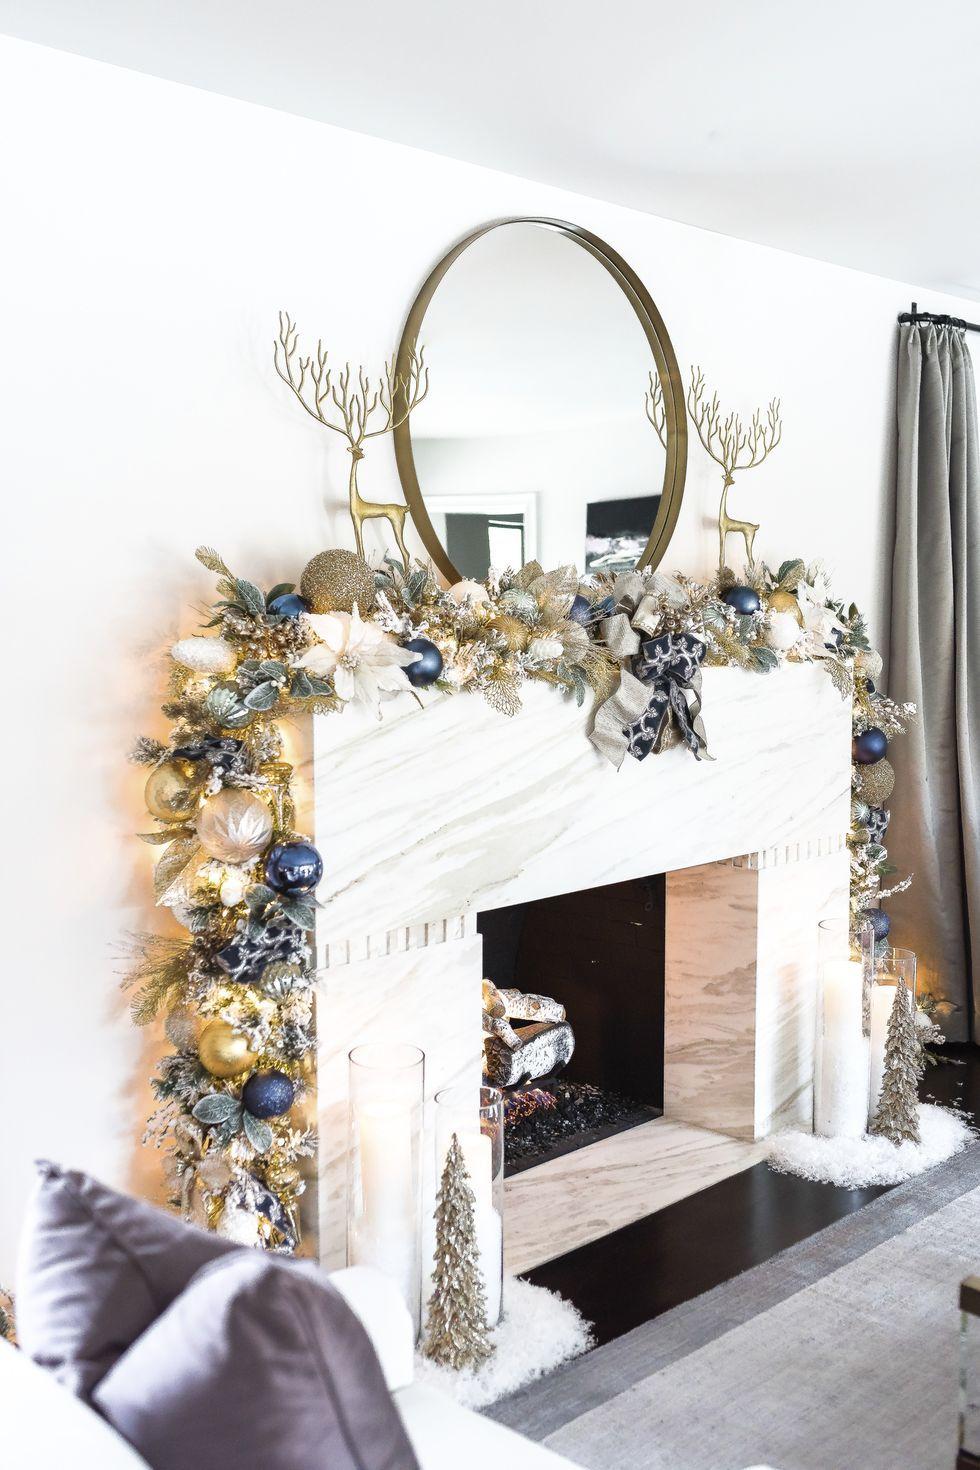 Decorazioni Natalizie Casa.Decorazioni Natalizie Per La Casa Come Arredare Casa Per Natale Pietre Di Rapolano